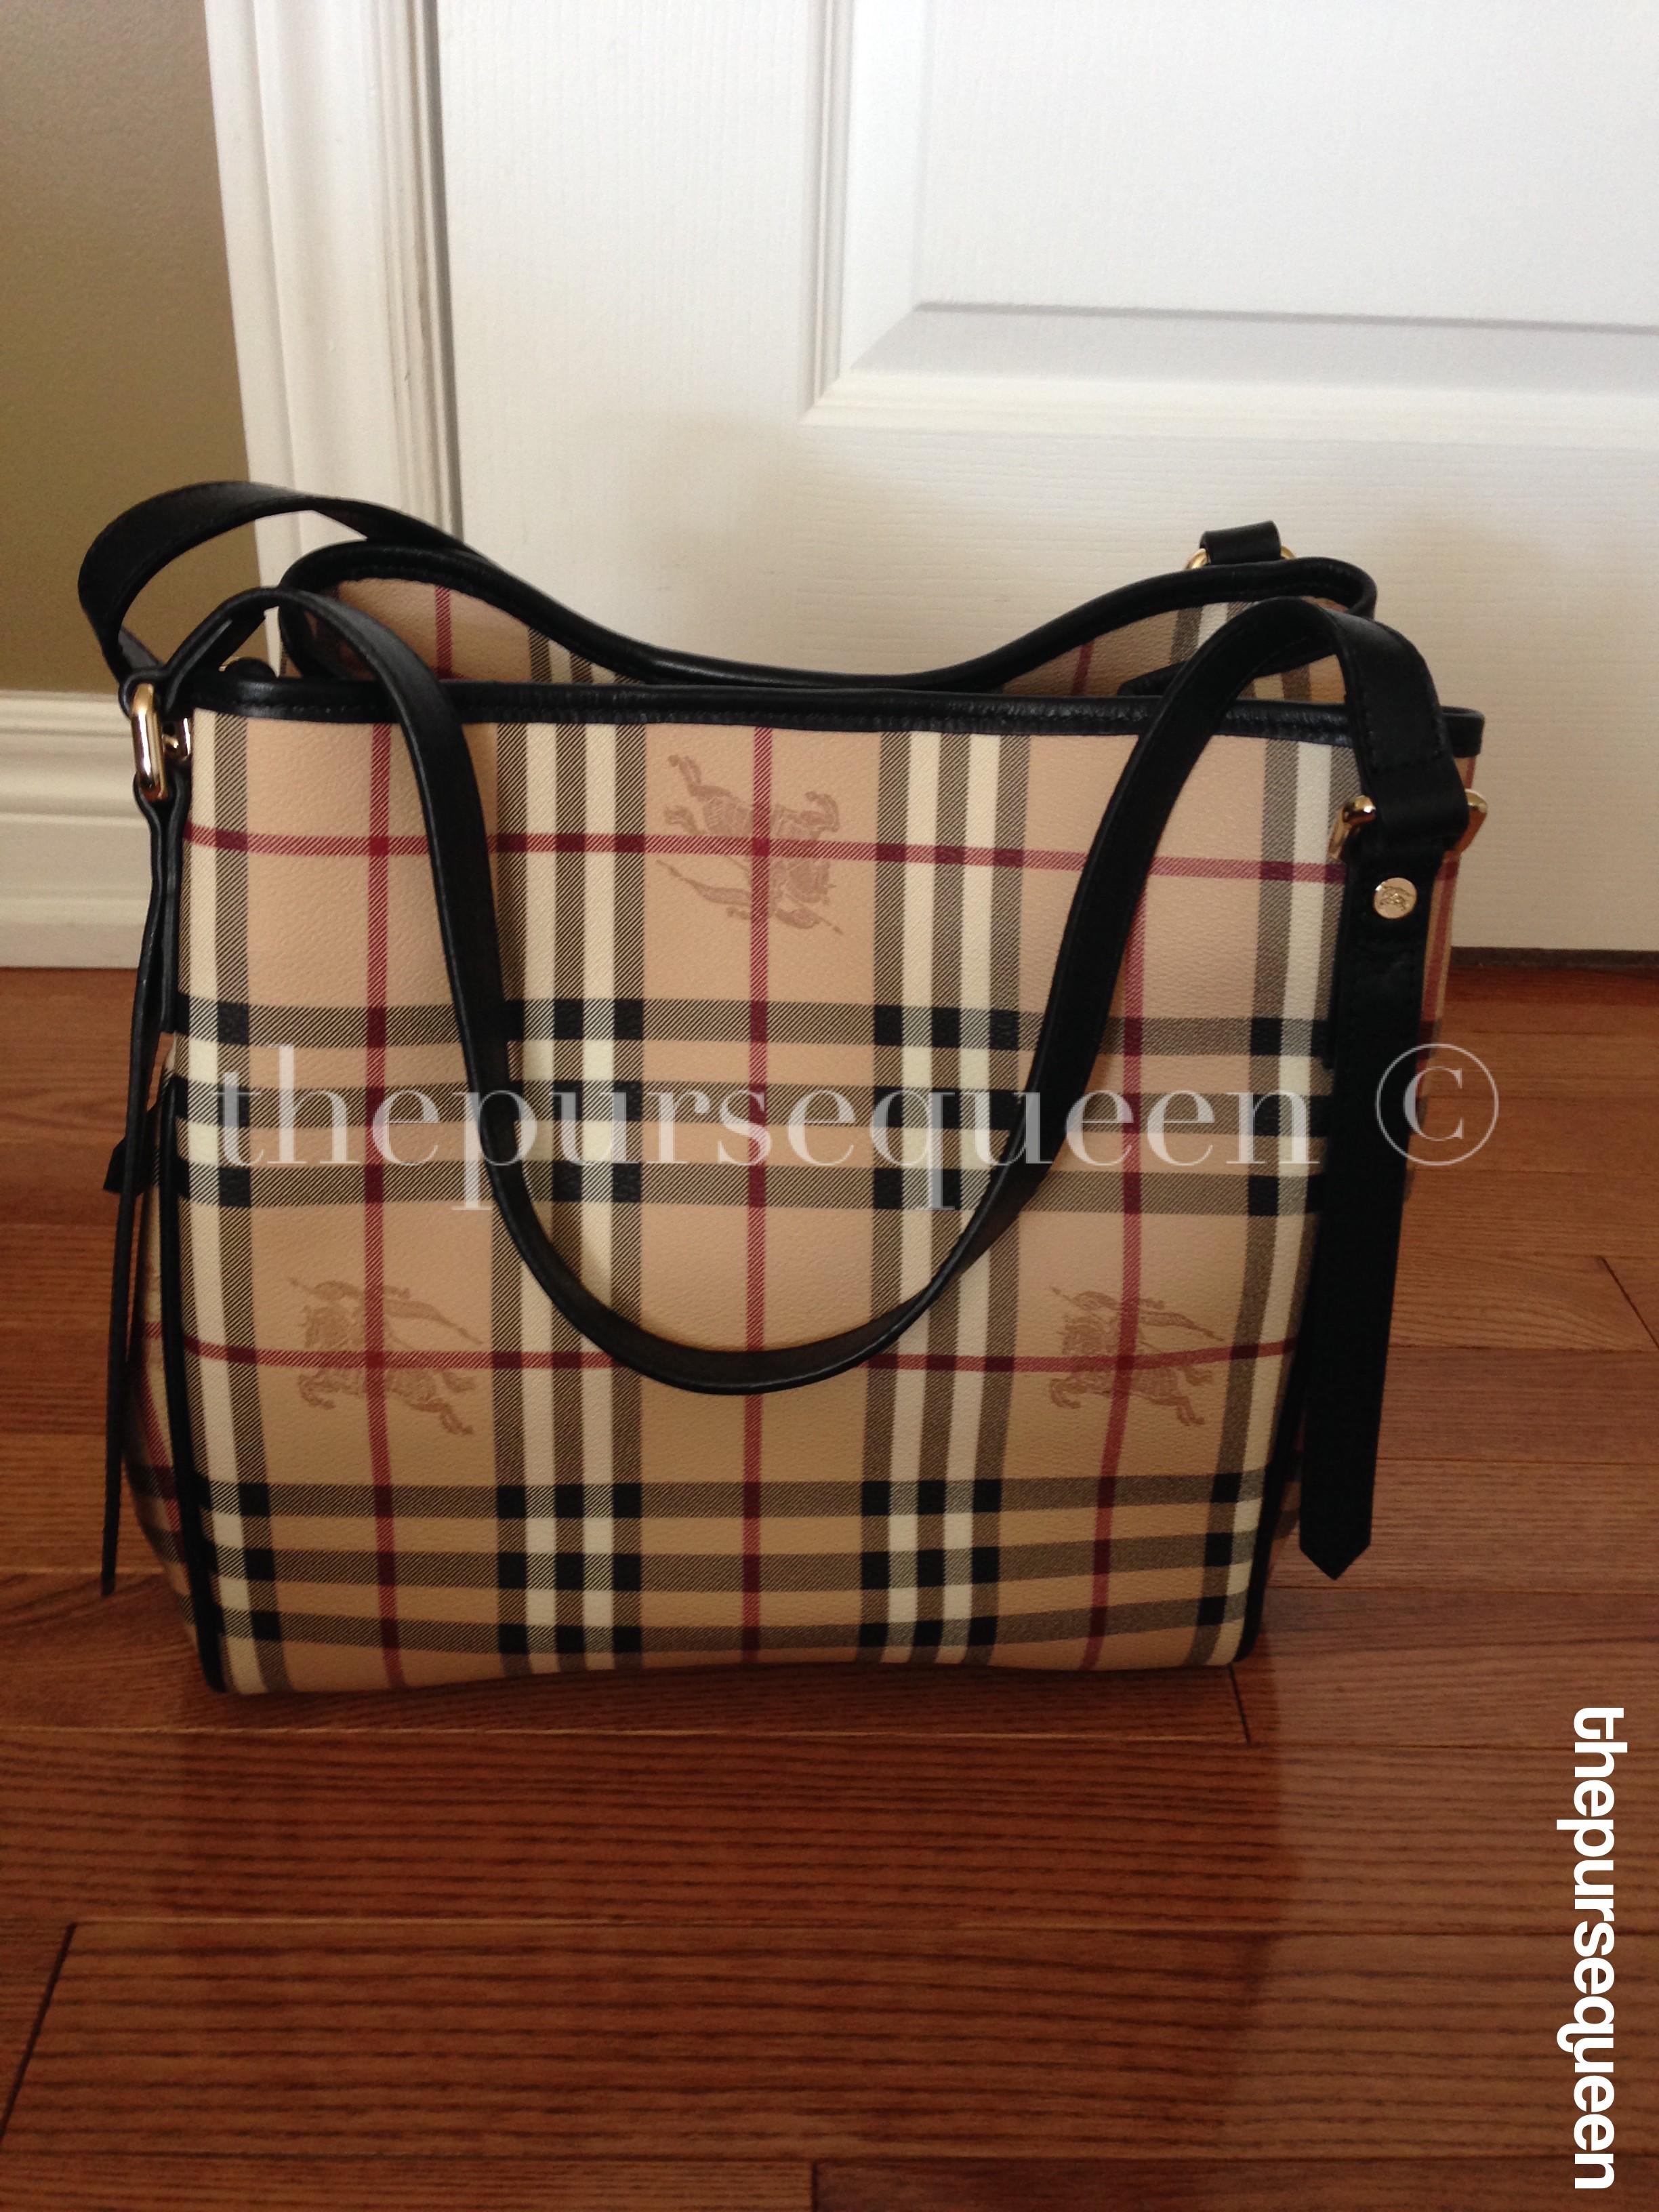 9e856a2600d6 Burberry Replica Handbag Tote Review (hint  it s beautiful ...